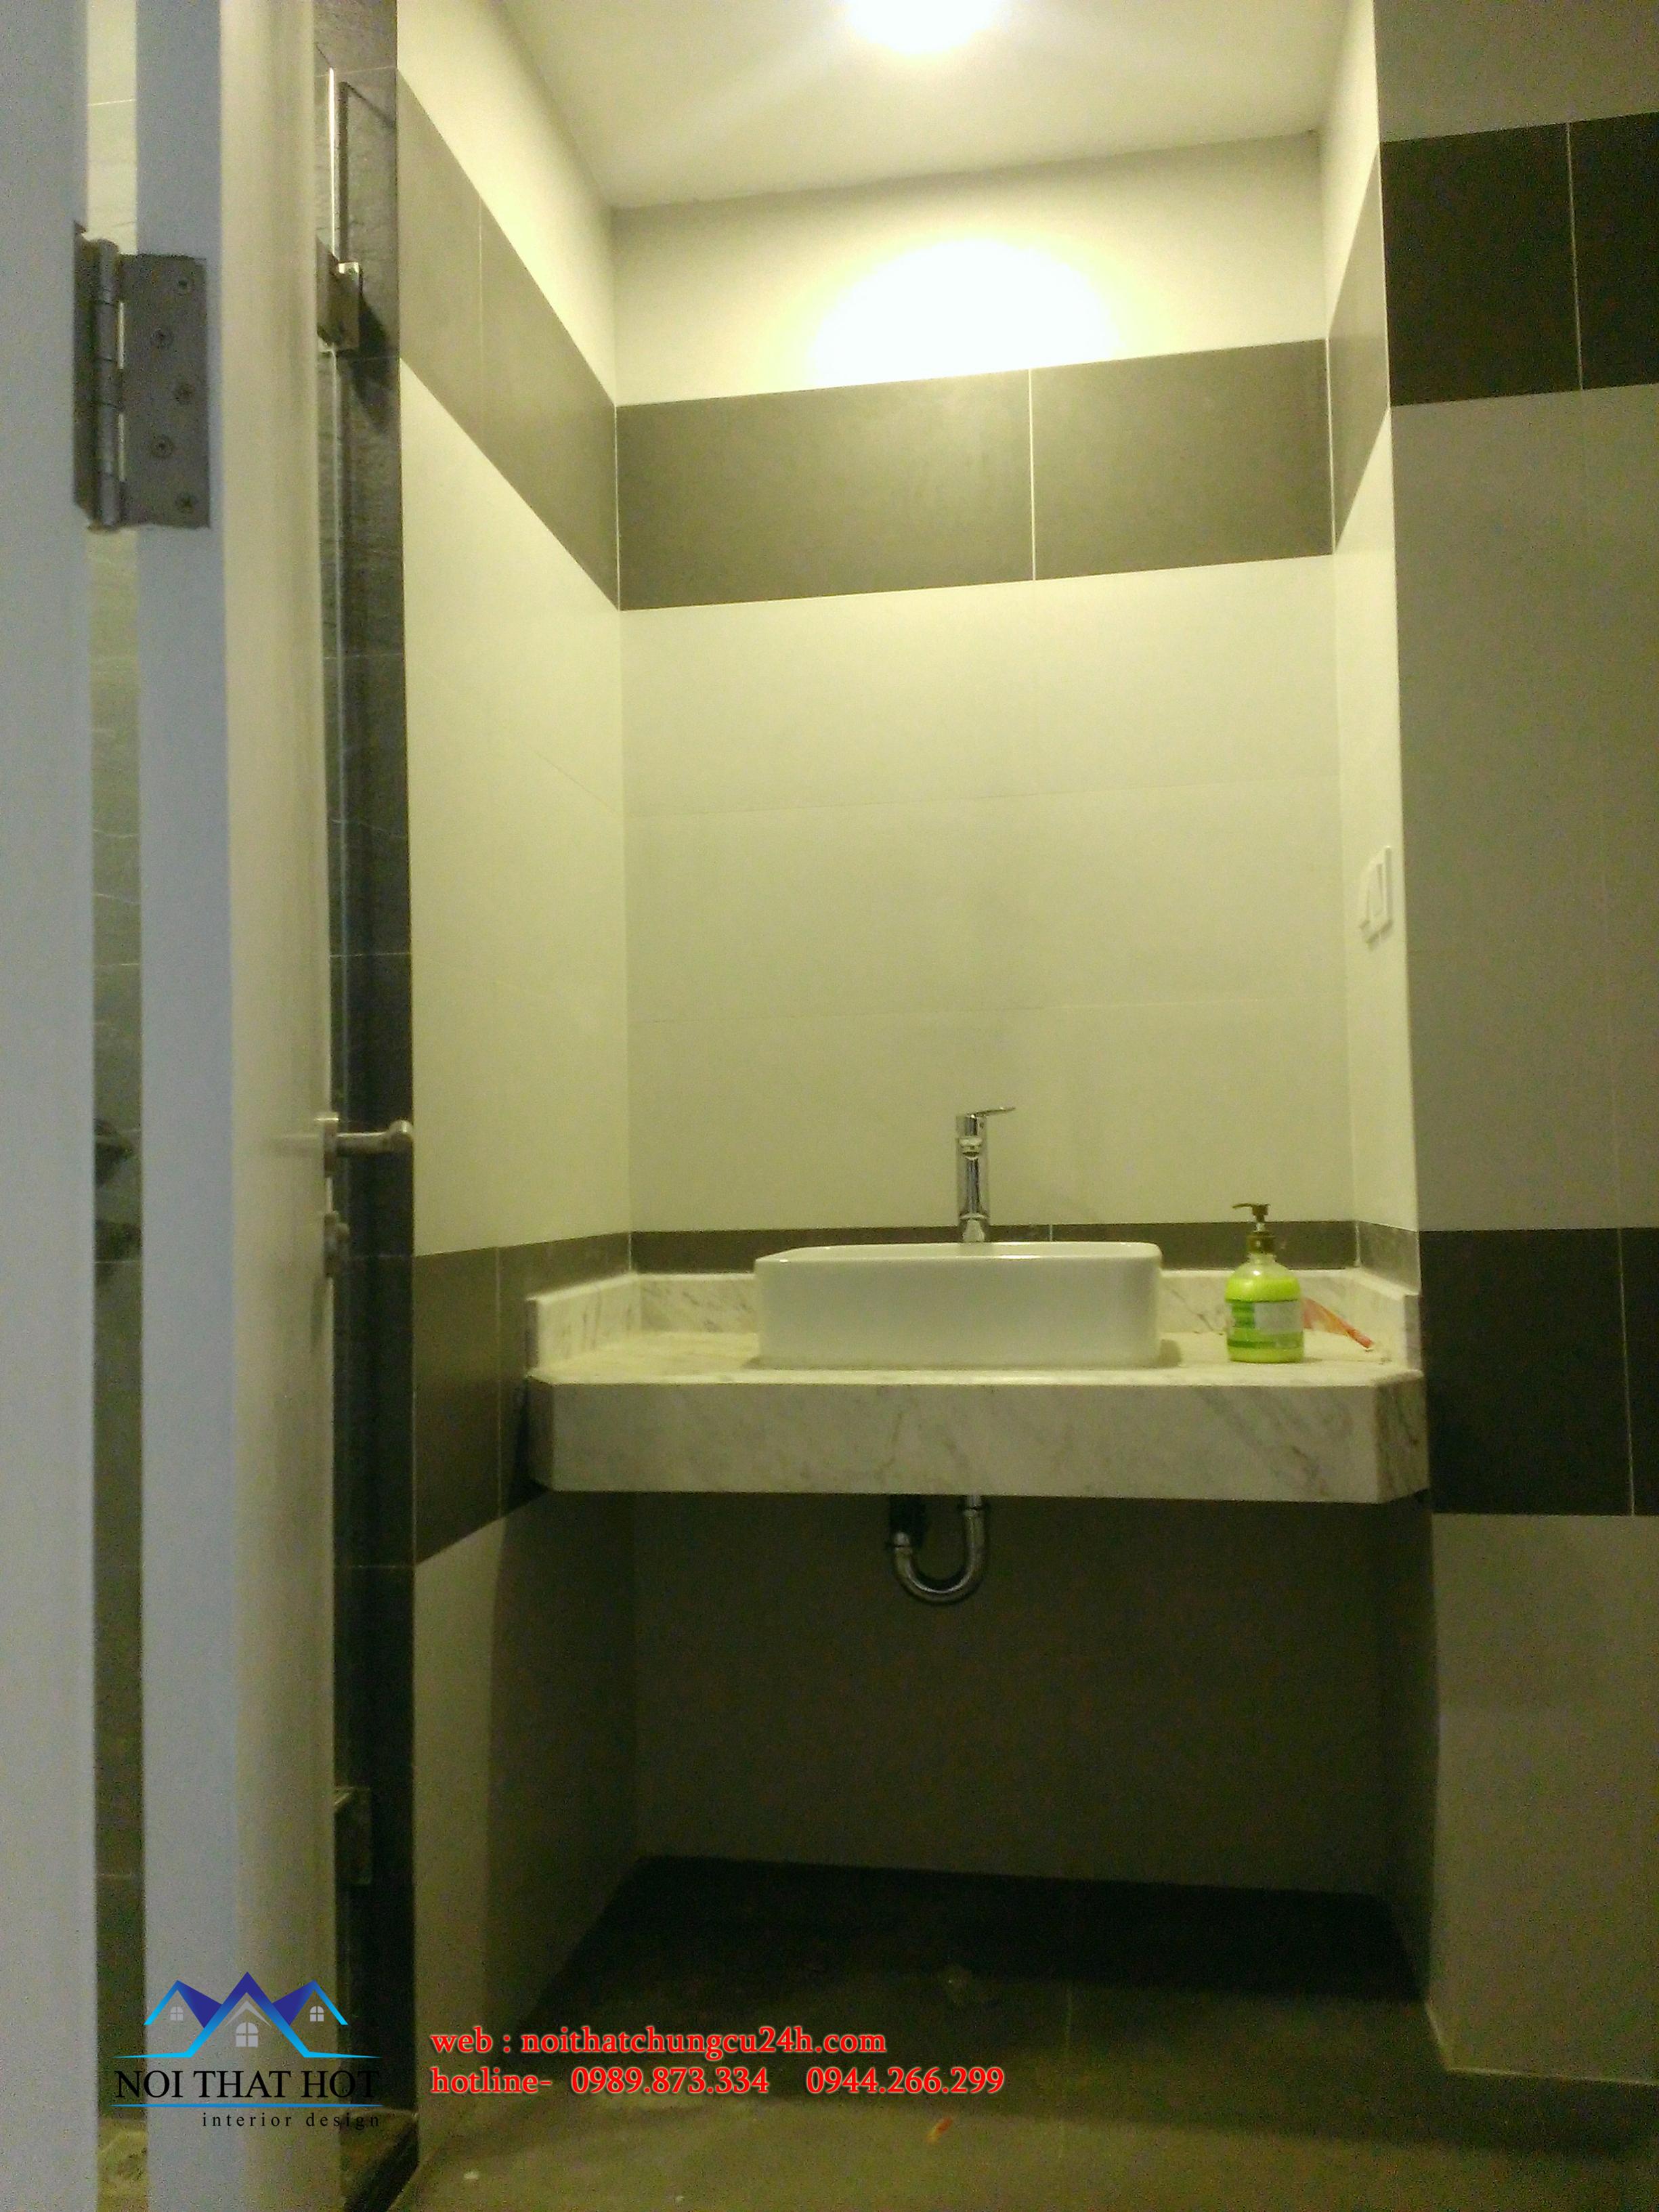 Thi công nội thất chung cư, thiết kế chung cư sang trọng tiện nghi